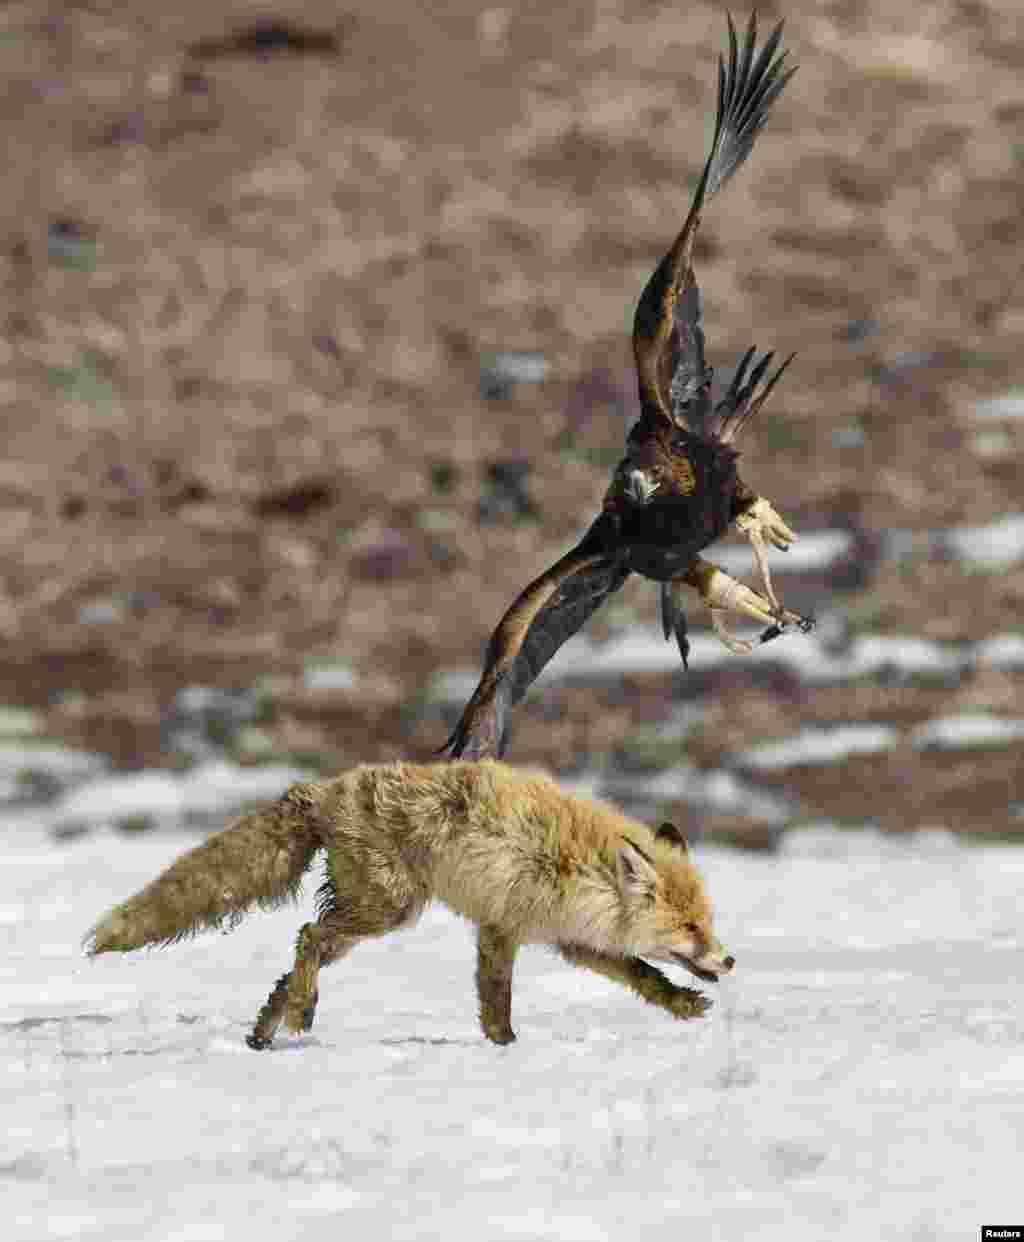 شکار کا ایک منفرد مقابلہ